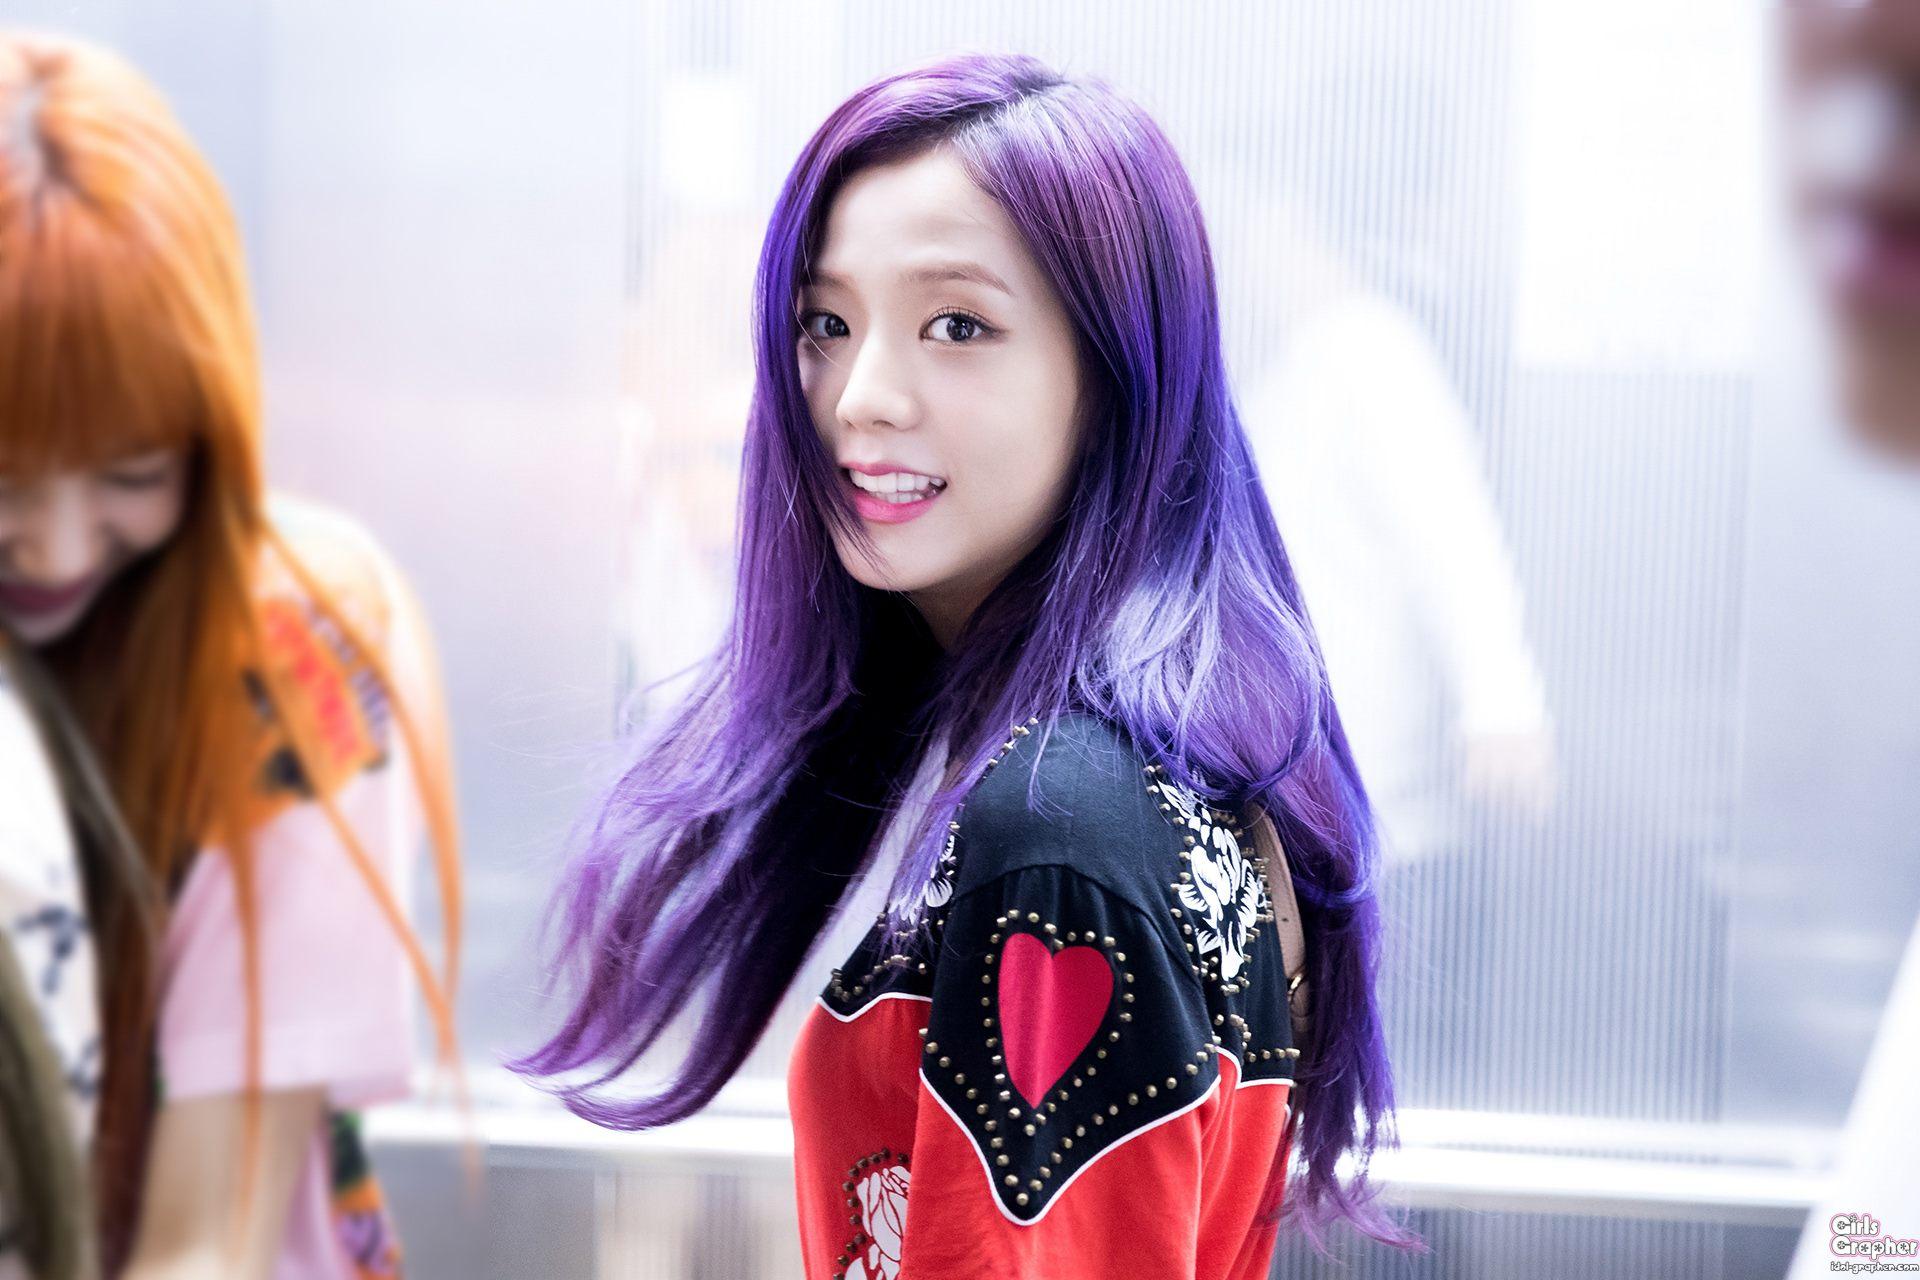 Đẳng cấp của idol đẹp như Hoa hậu: Jisoo chứng minh khả năng cân được mọi màu tóc, từ cơ bản đến chóe lọe - Ảnh 4.